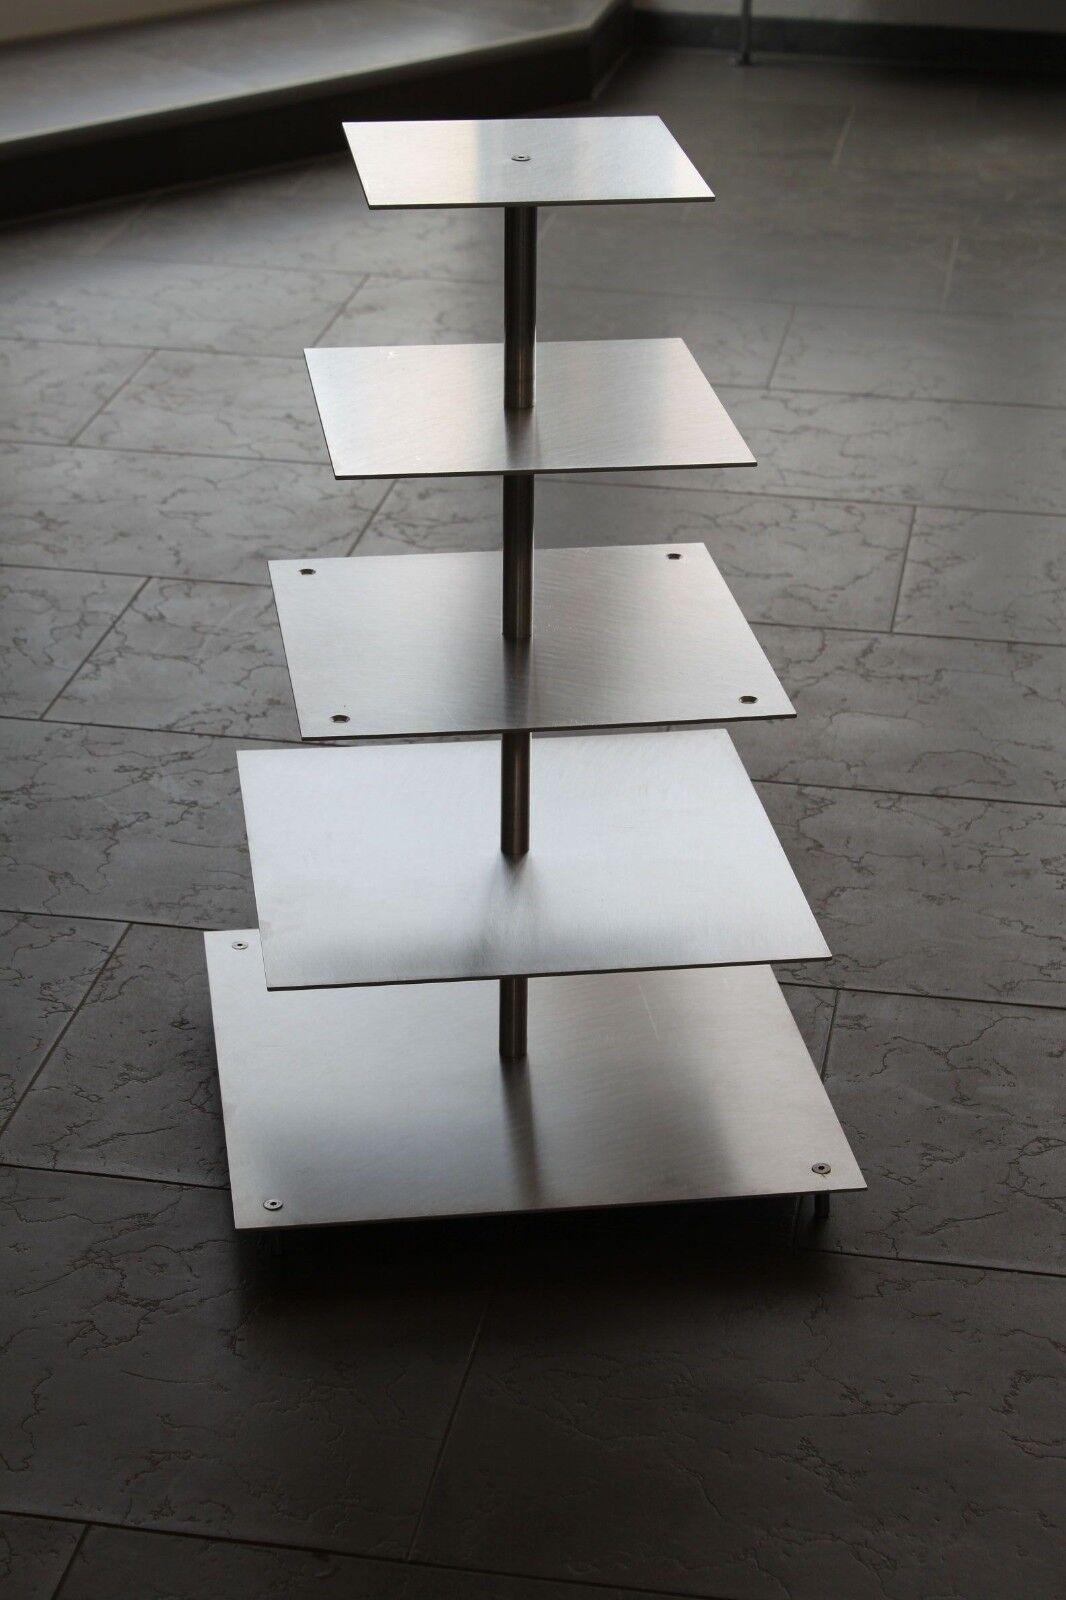 À secteurs support aluminium mariage fête 5 étages mariage gateau support alu rectangulaire